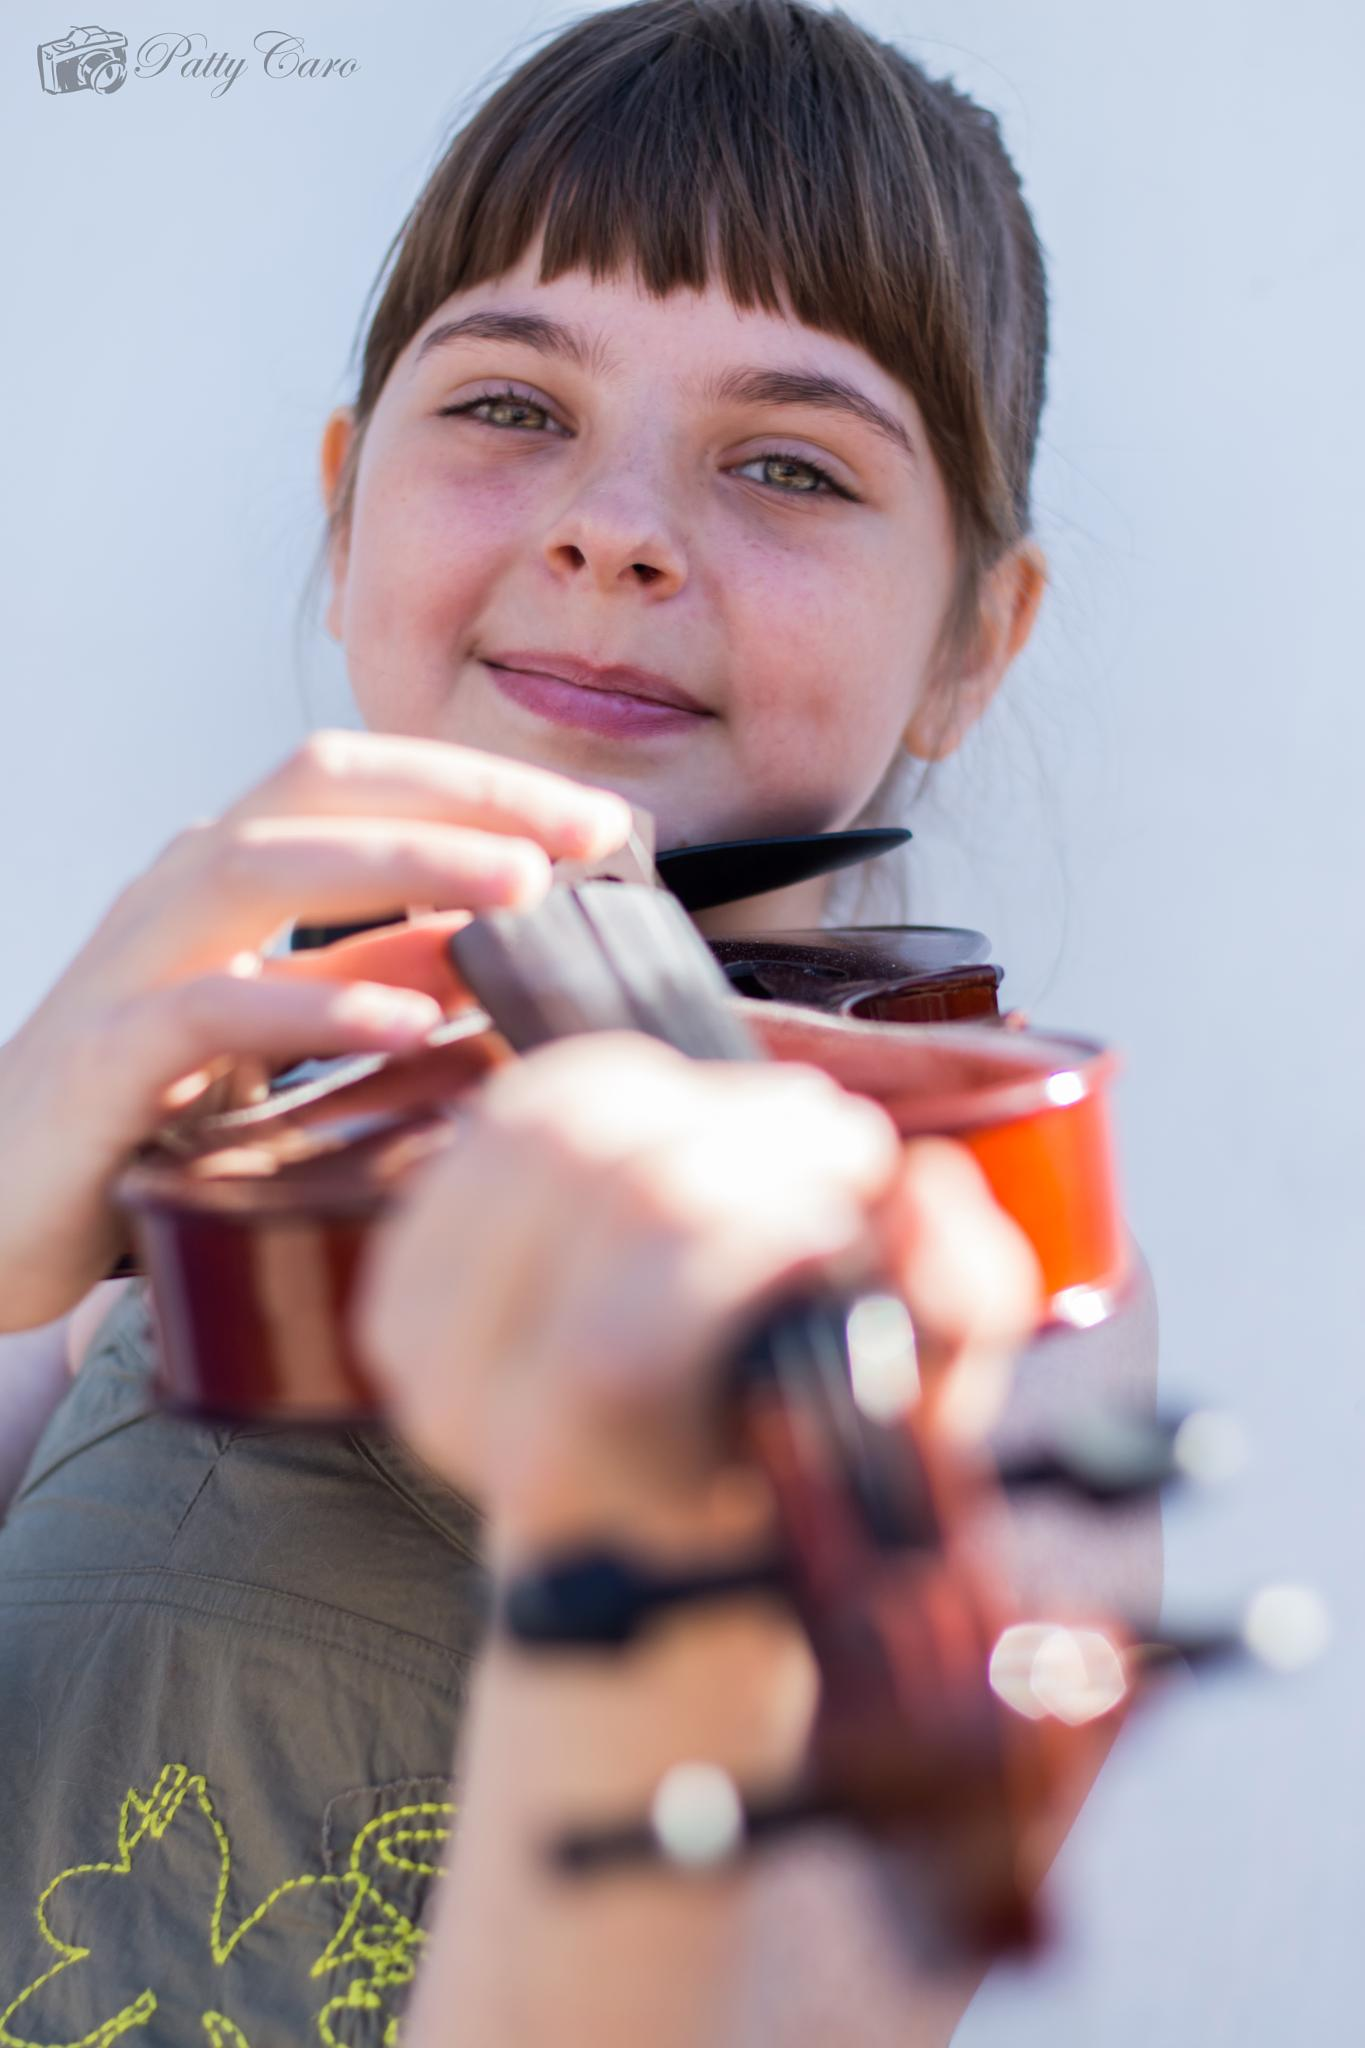 niña del violin2 by Patty Caro